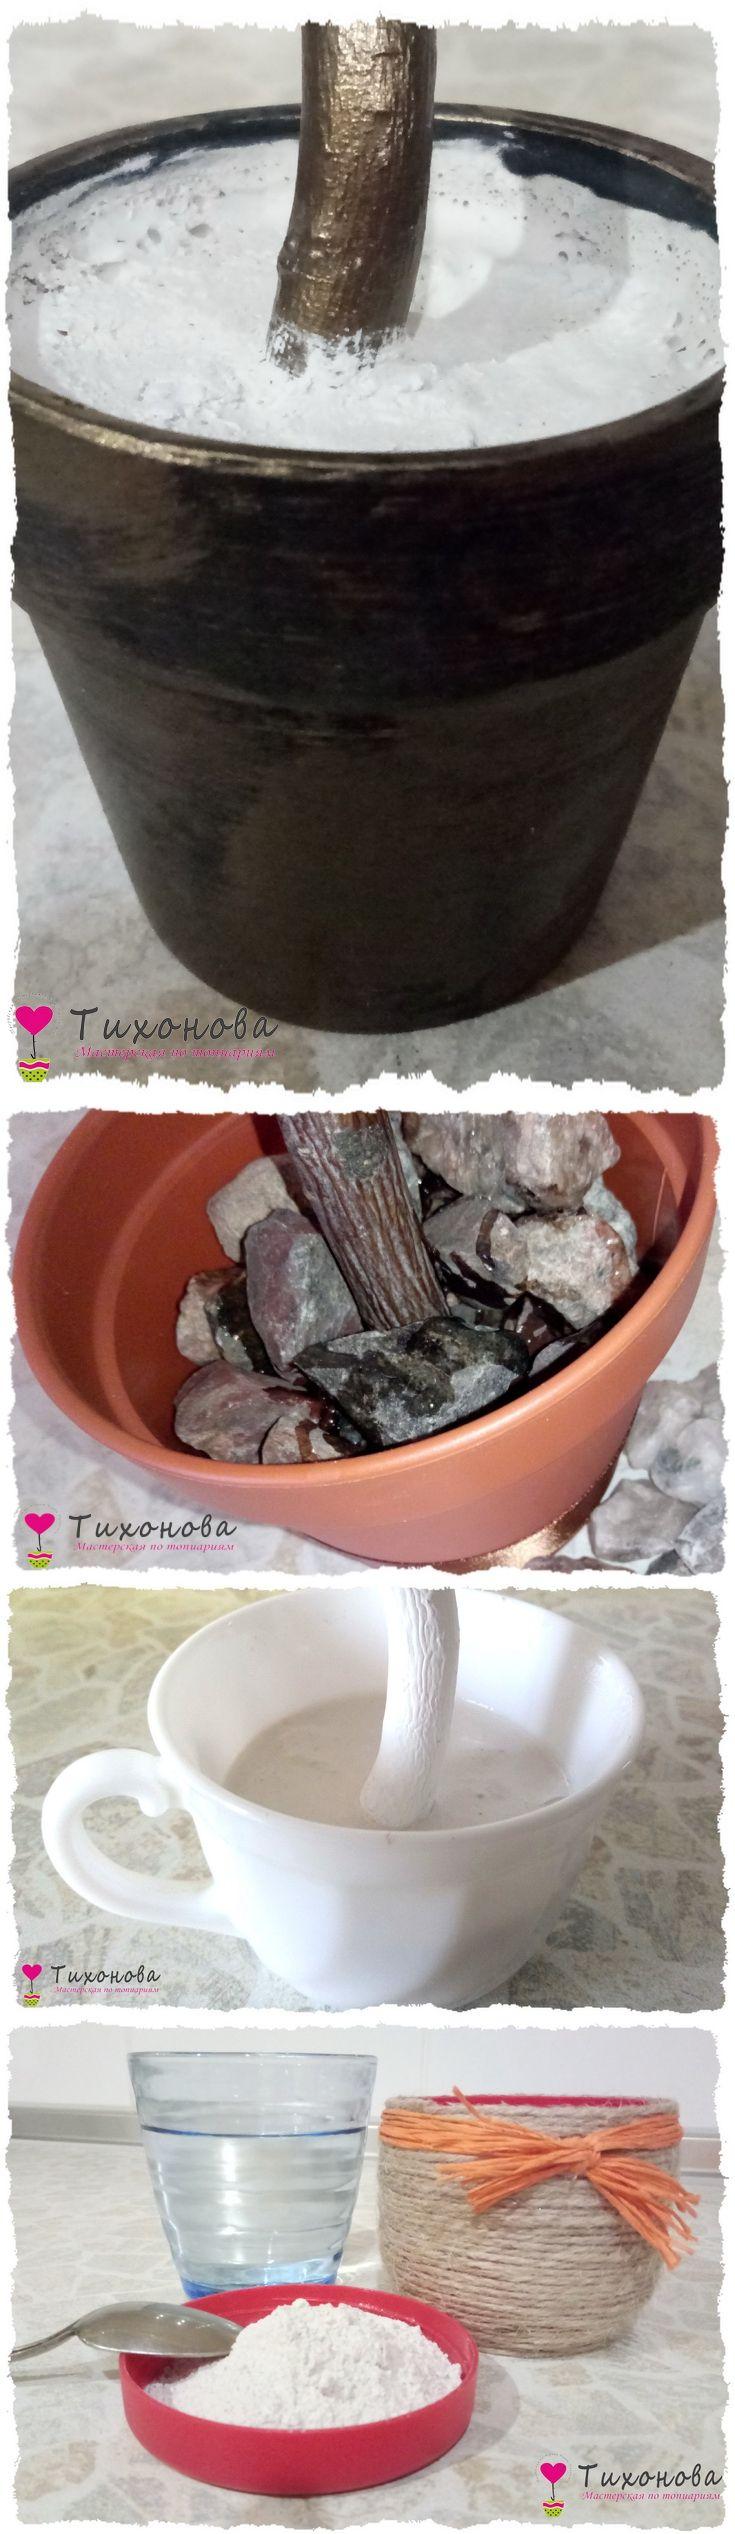 Как закрепить топиарий в горшке с гипсом, алебастром или без заливки - в пенопласте, камнями, щебнем. Подробный мастер-класс, фото и видео от Алены Тихоновой!